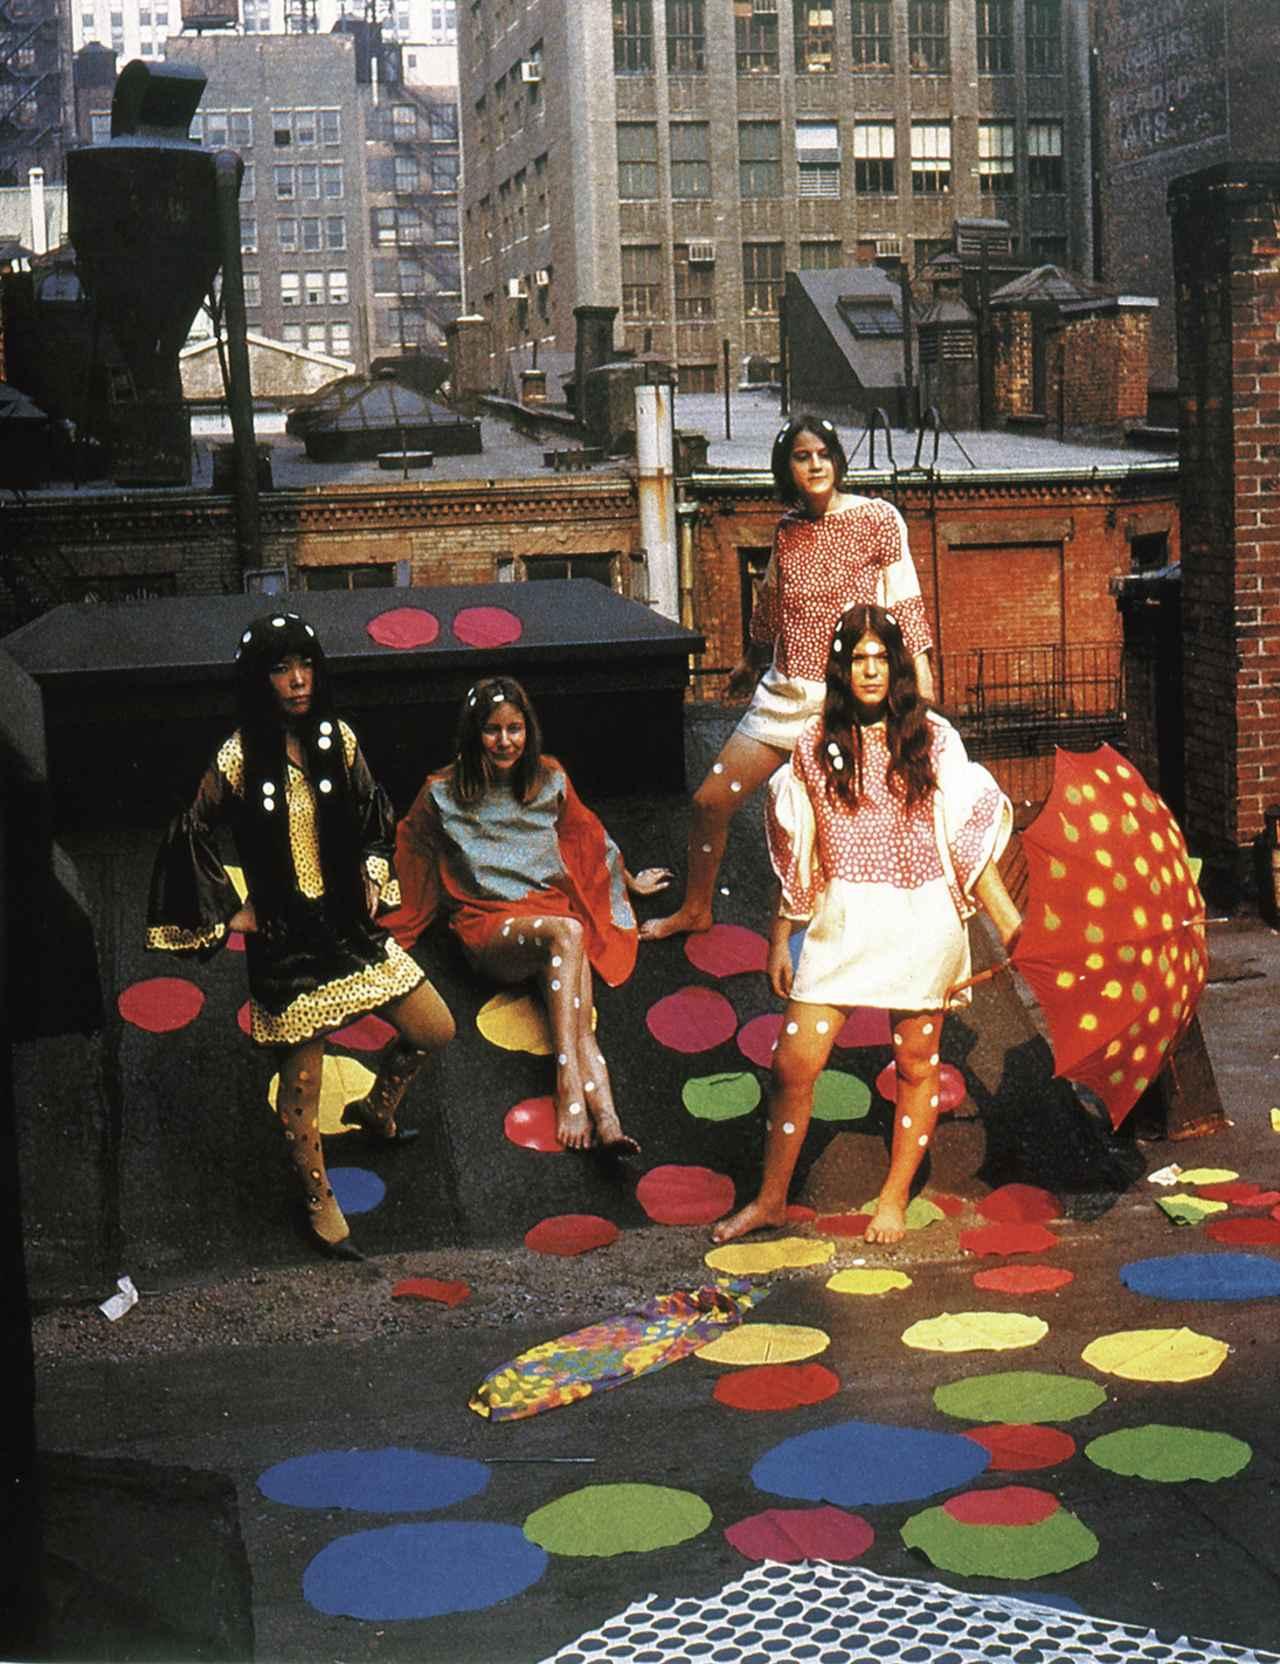 画像 : 「草間のファッションショー」1968年